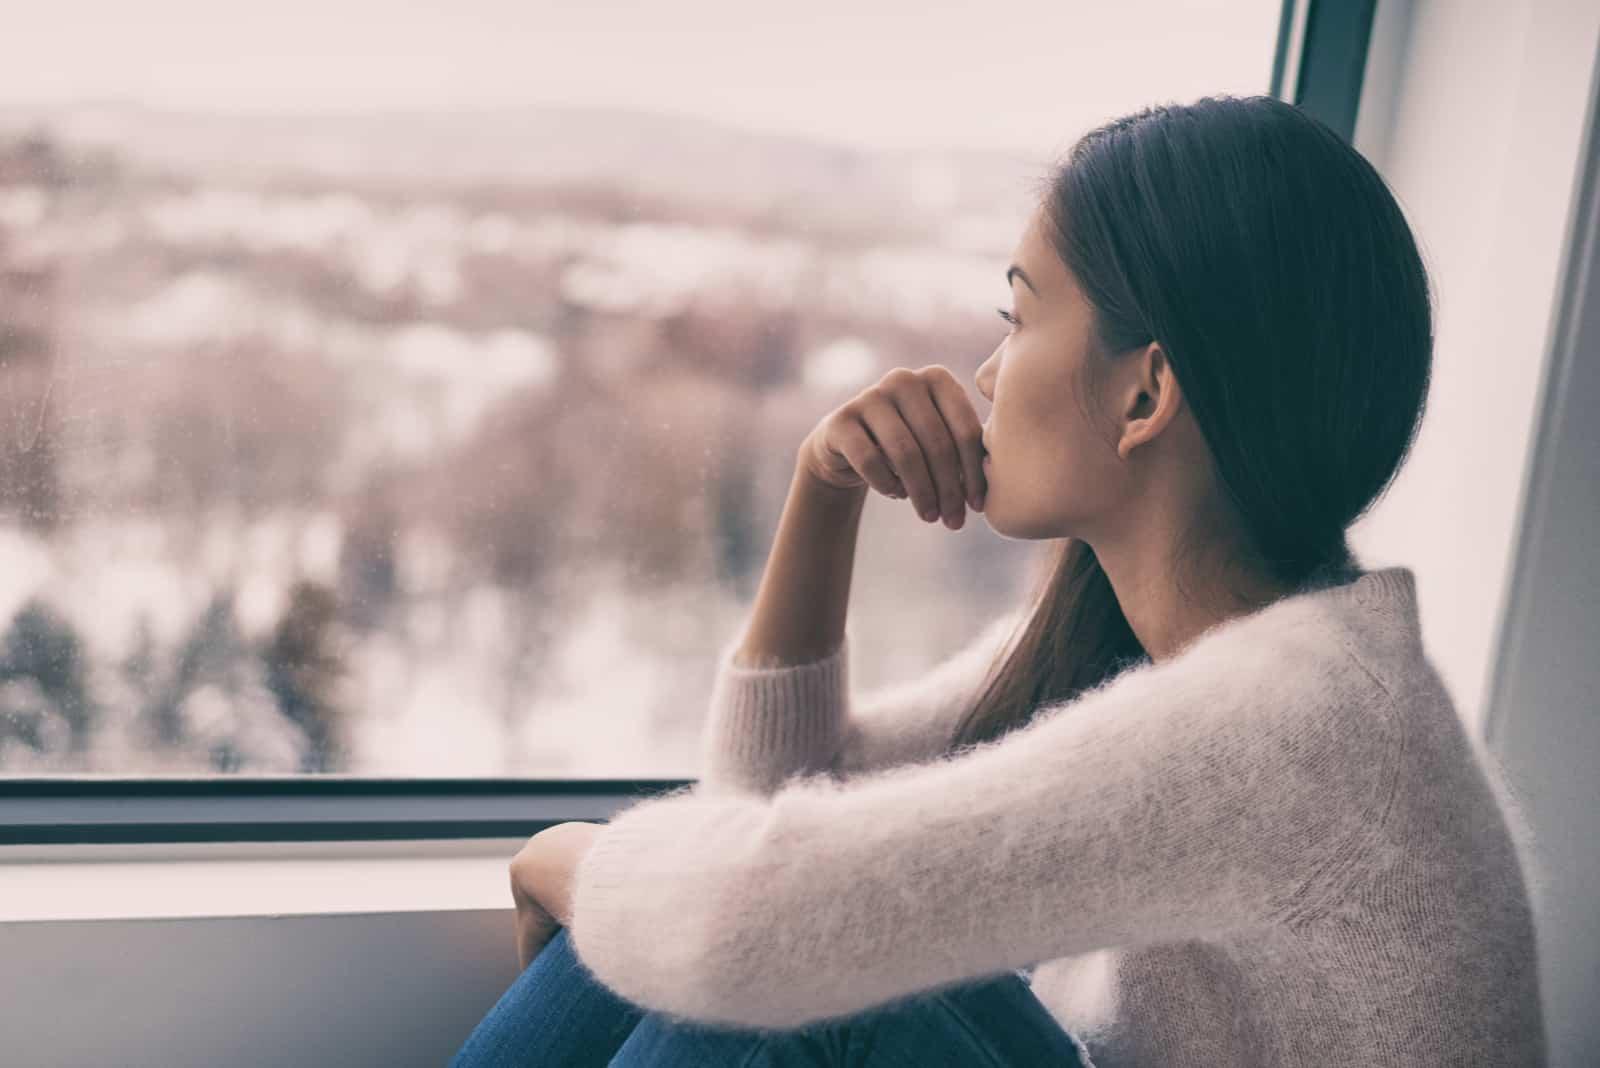 Eine nachdenkliche Frau in einem weißen Pullover sitzt am Fenster und schaut nach draußen